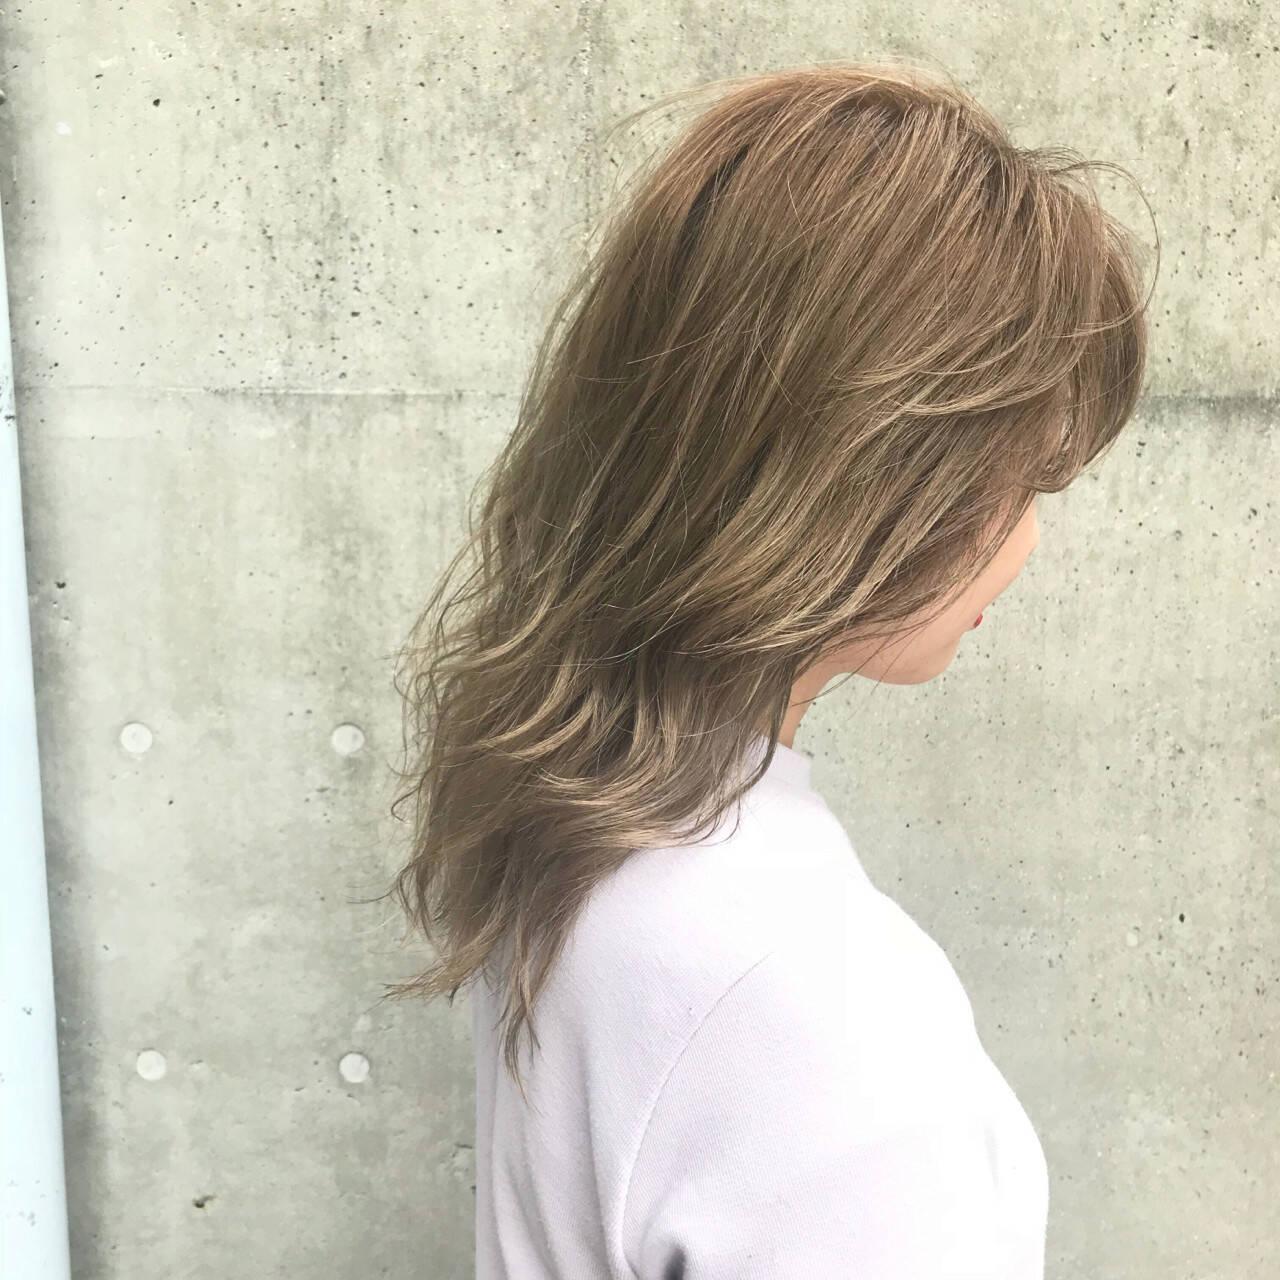 ハイライト アッシュグレージュ ミディアム グレージュヘアスタイルや髪型の写真・画像